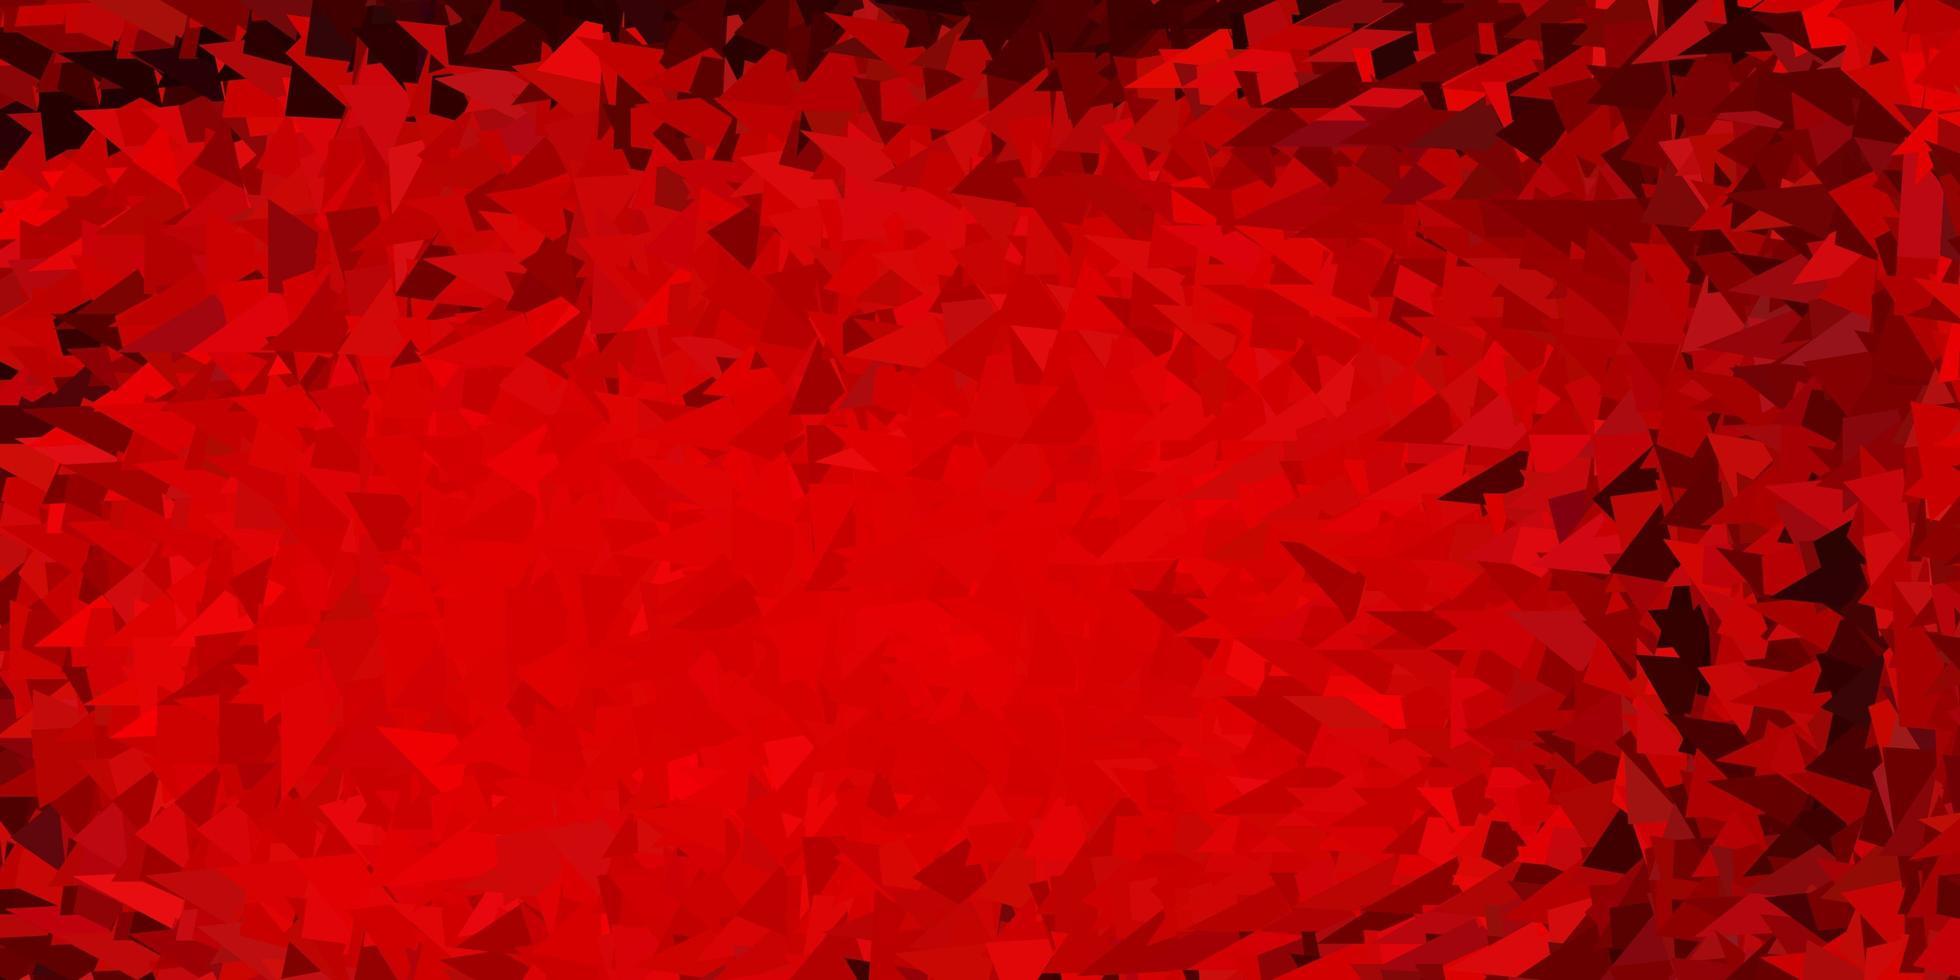 desenho de polígono gradiente vermelho escuro. vetor